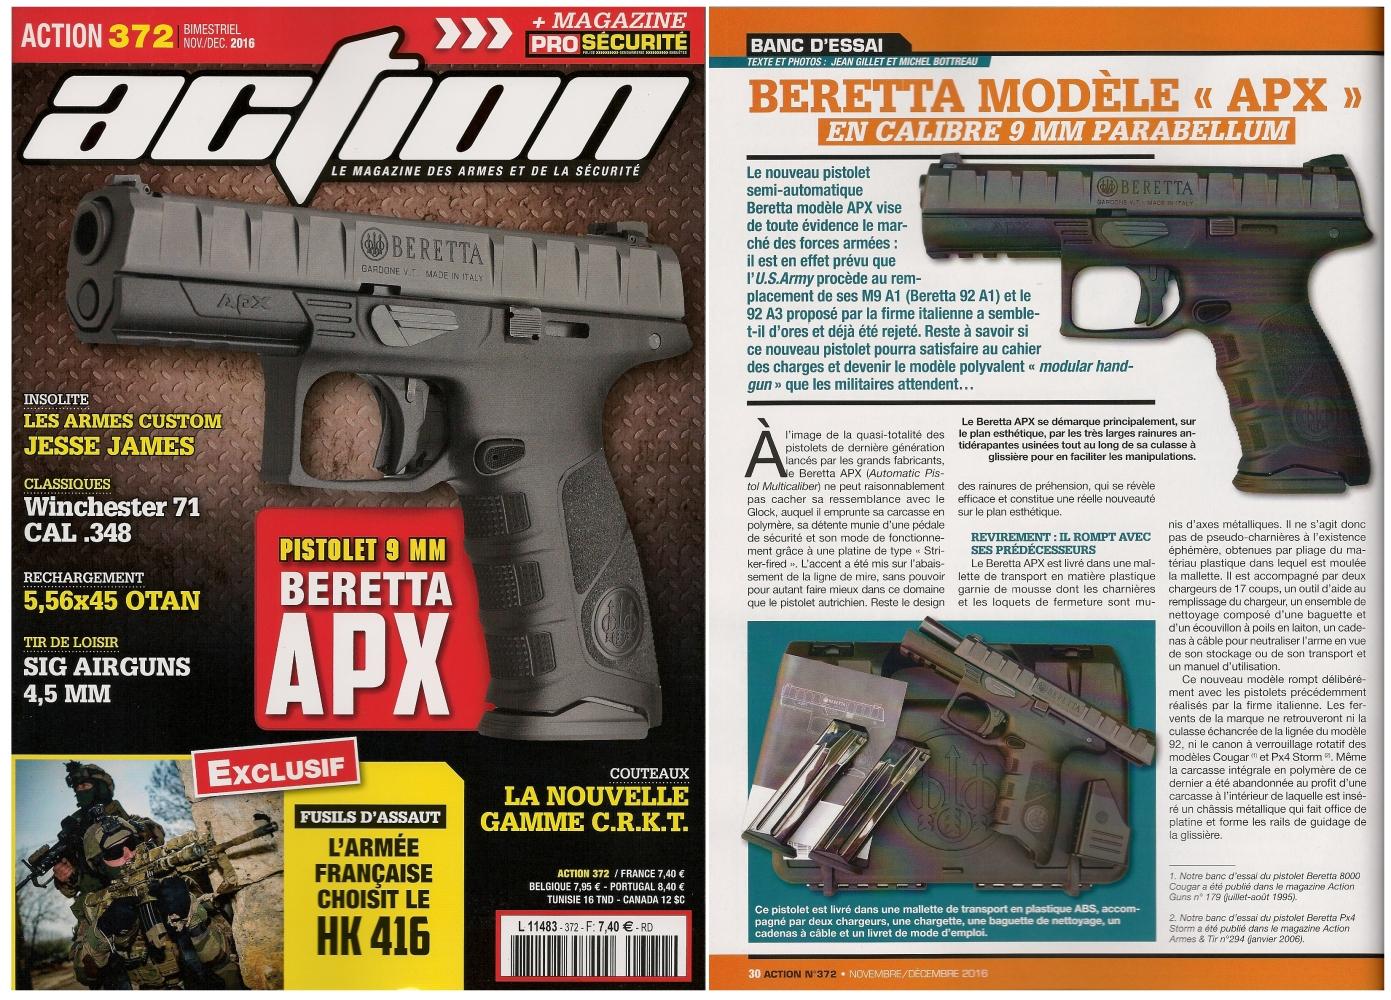 Le banc d'essai du pistolet Beretta modèle APX a été publié sur 6 pages dans le magazine Action Guns n°372 (novembre-décembre 2016).